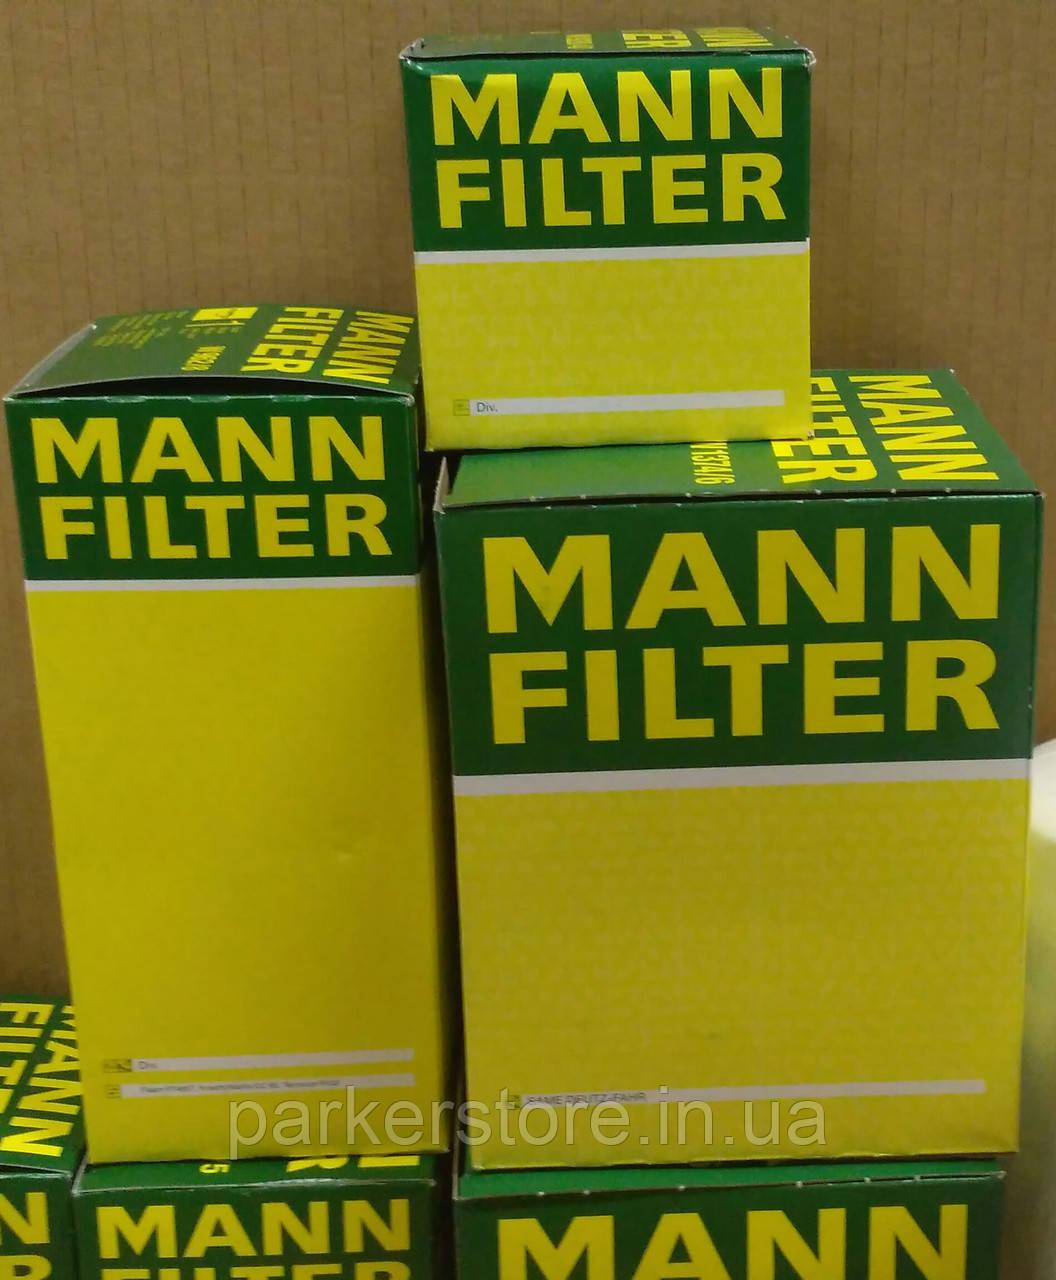 MANN FILTER / Воздушный фильтр / C 23 610/3 / C23610/3